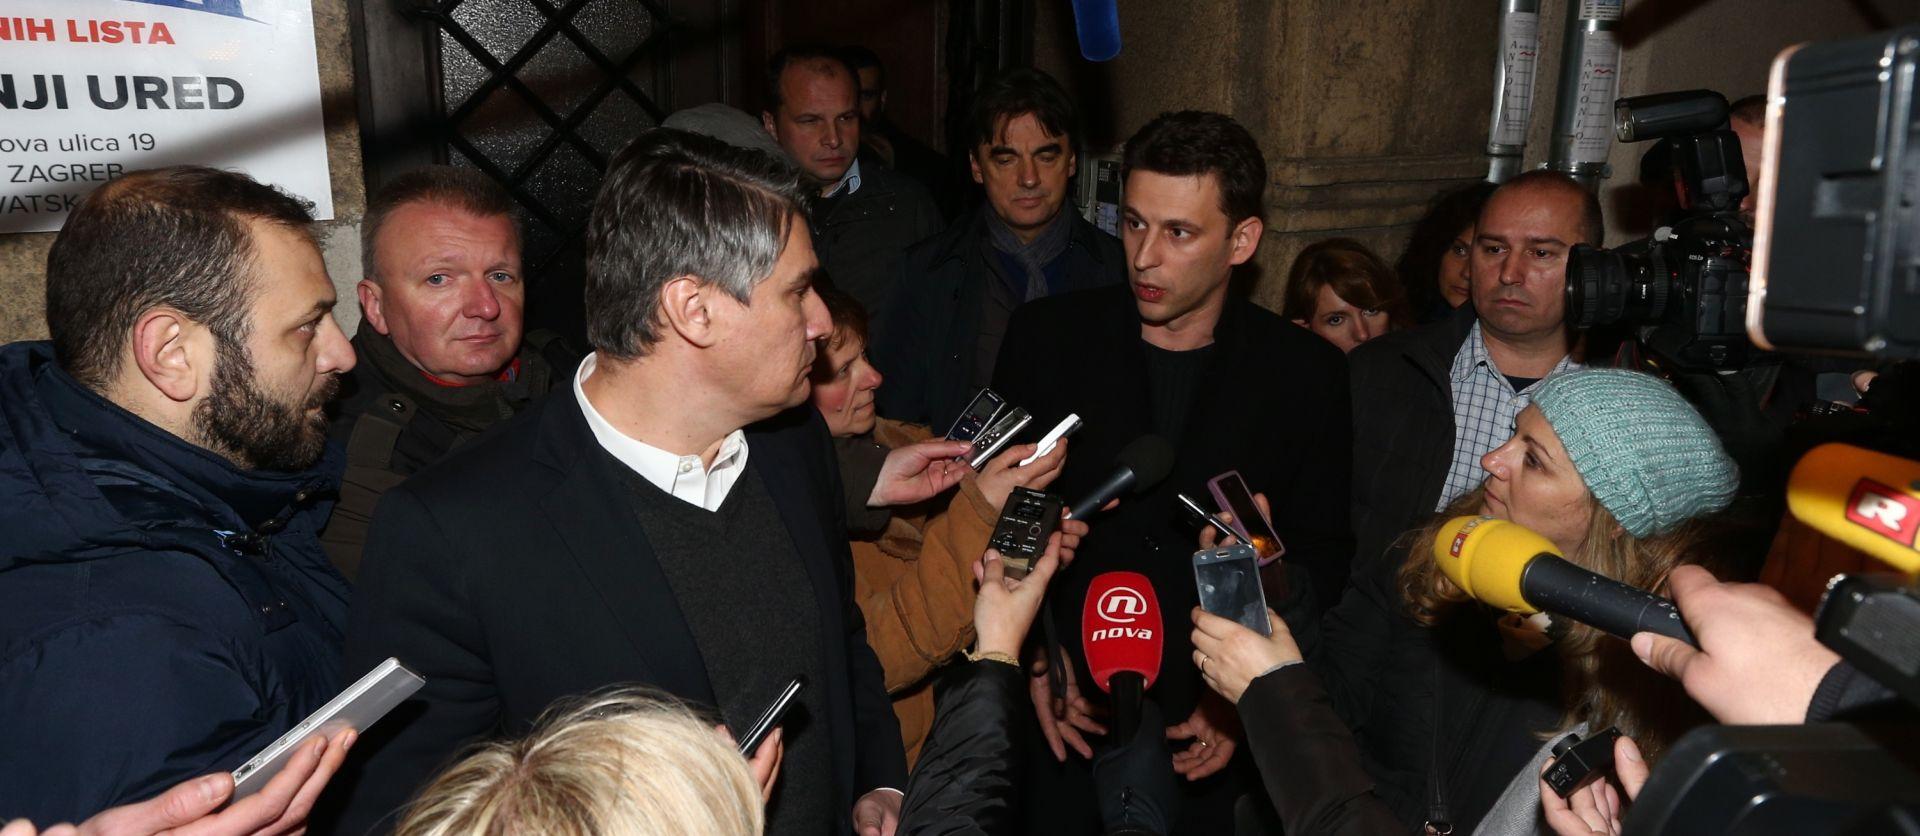 CRO DEMOSKOP Mostu pada potpora, SDP ponovno vodeći